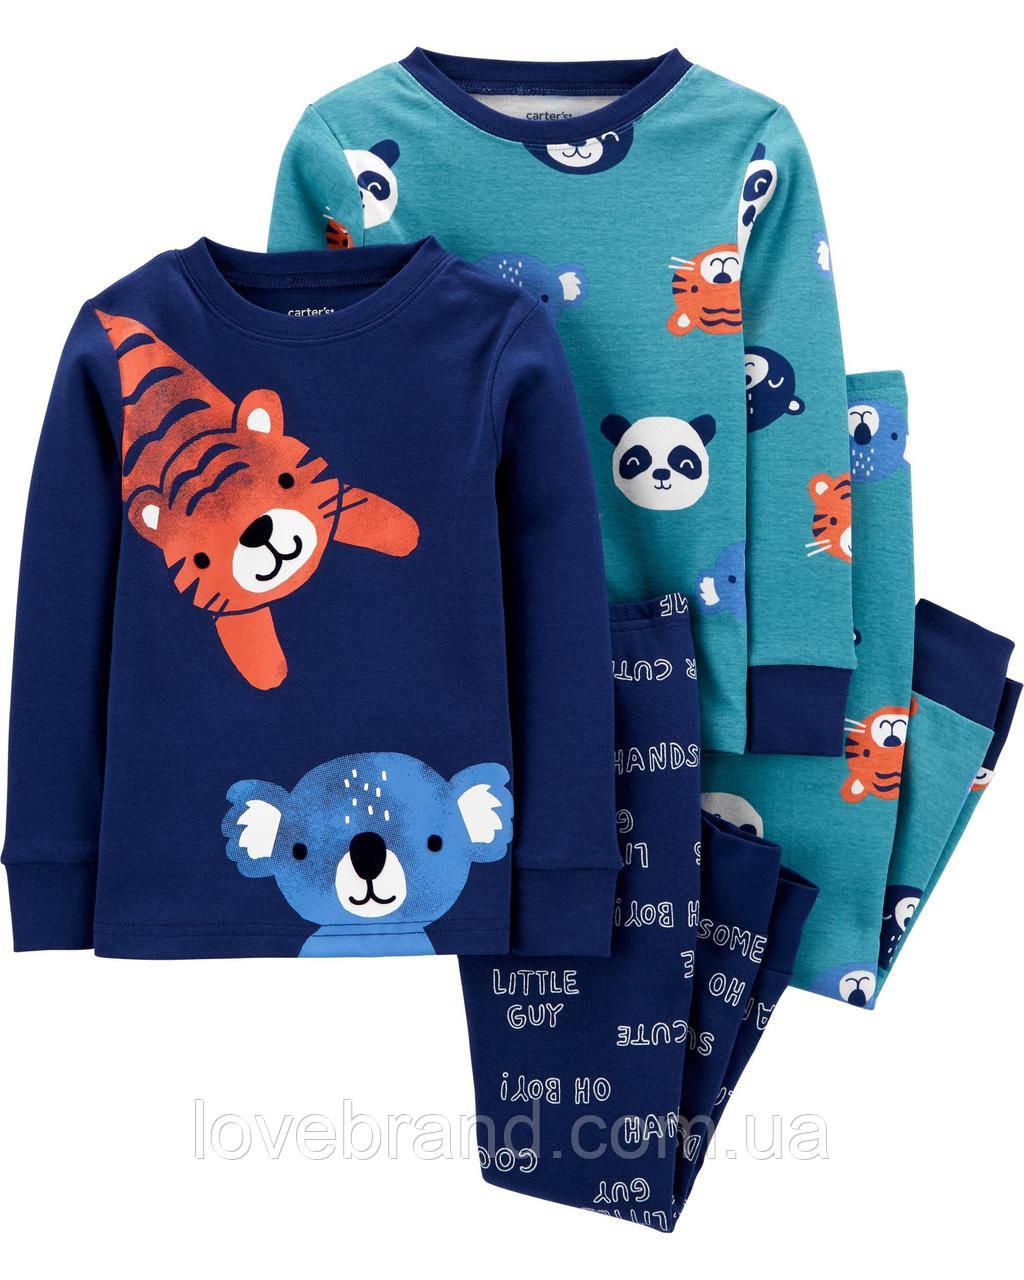 """Пижамы Carter's для мальчика  """"Тигр"""" , детская пижама картерс (набор)"""